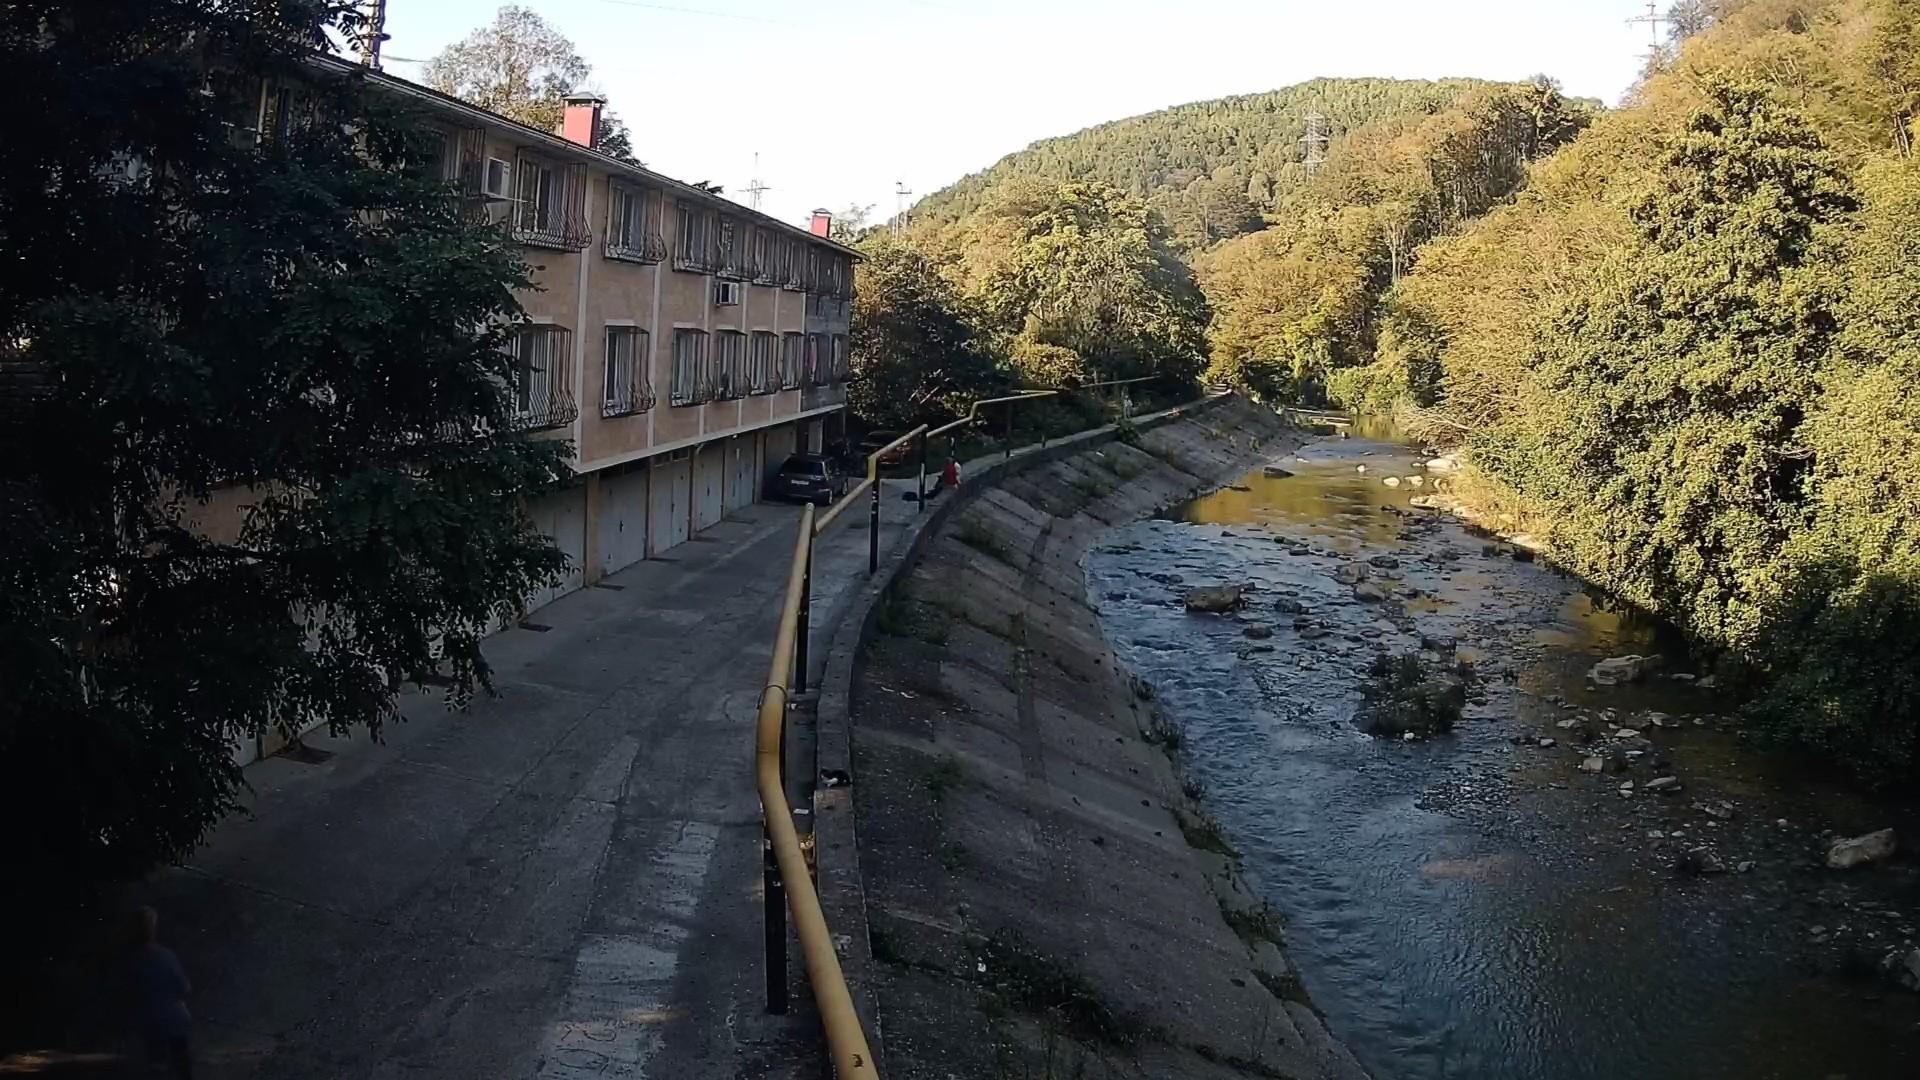 Вебкамера в Дагомысе, река «Западный Дагомыс», ул. Армавирская 120